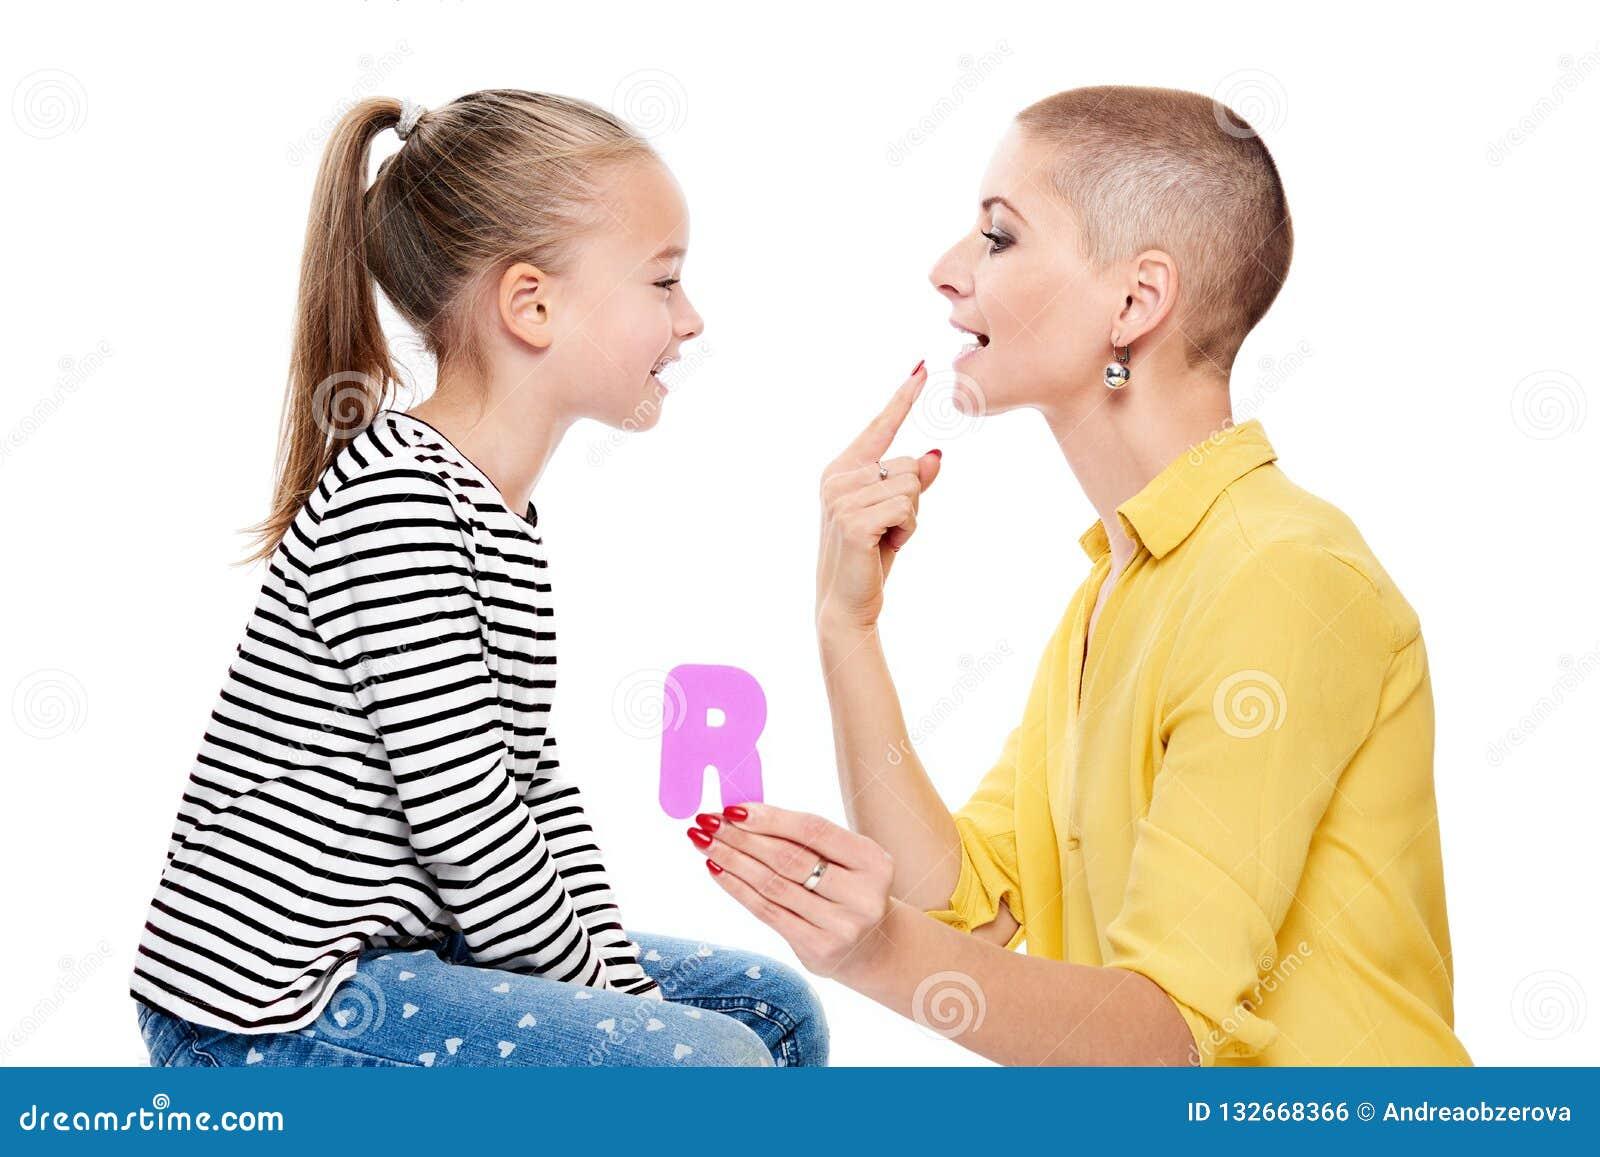 Leuk jong meisje met toespraaktherapeut die correcte uitspraak uitoefenen Het concept van de kindlogopedie op witte achtergrond